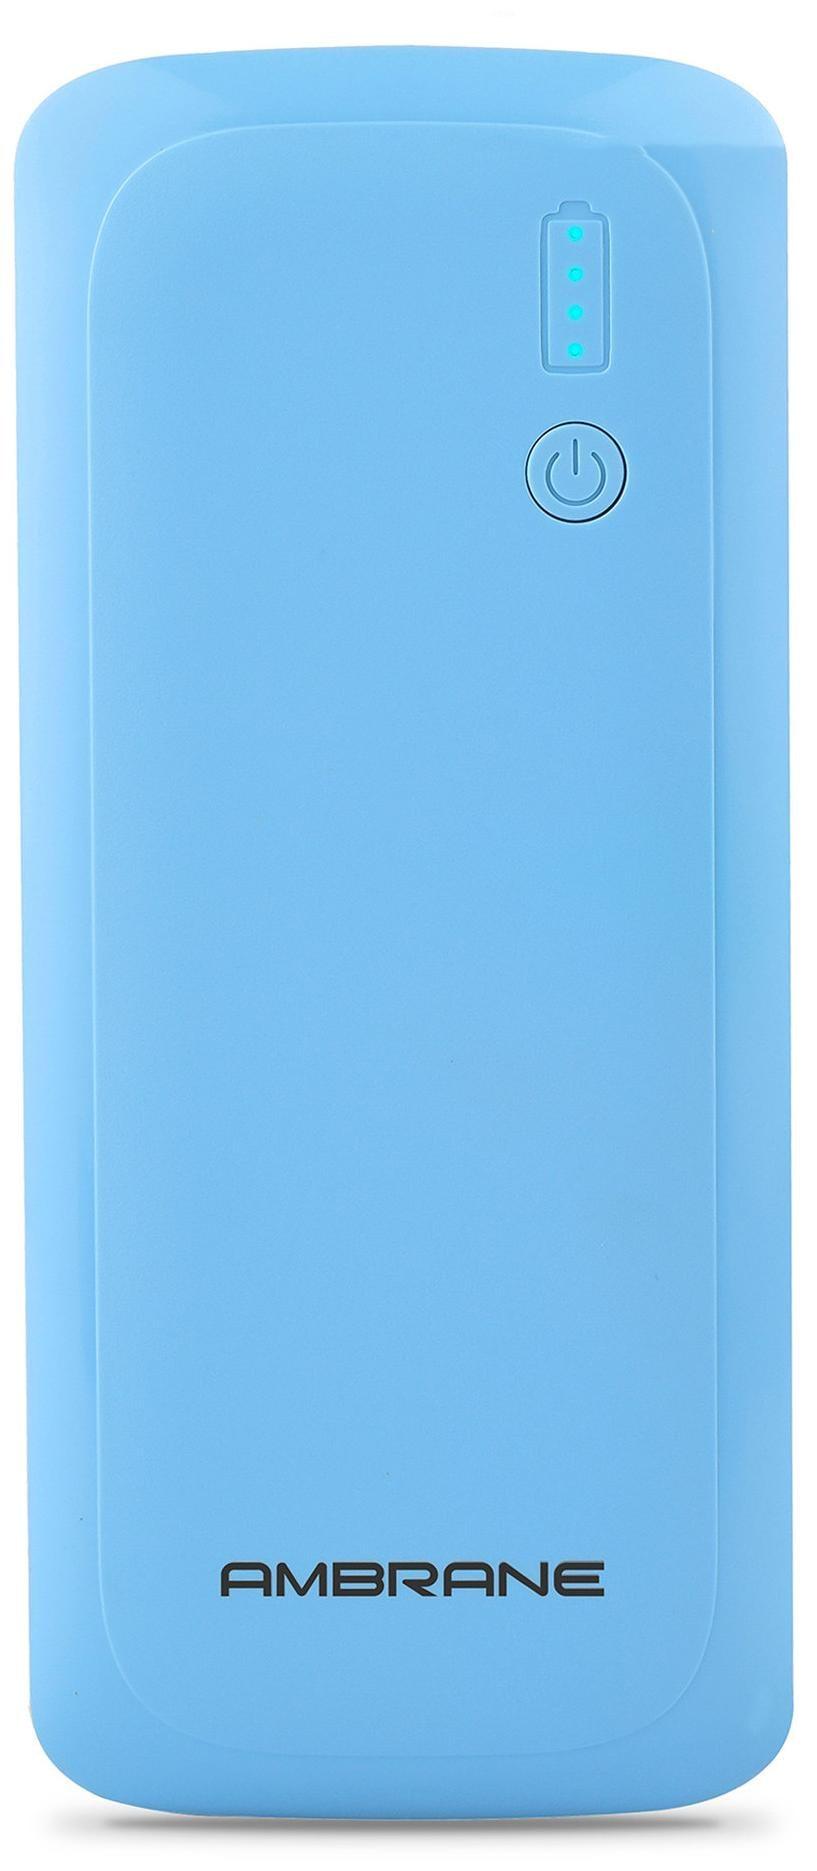 Ambrane P-1250 12500mAh Power Bank - Blue